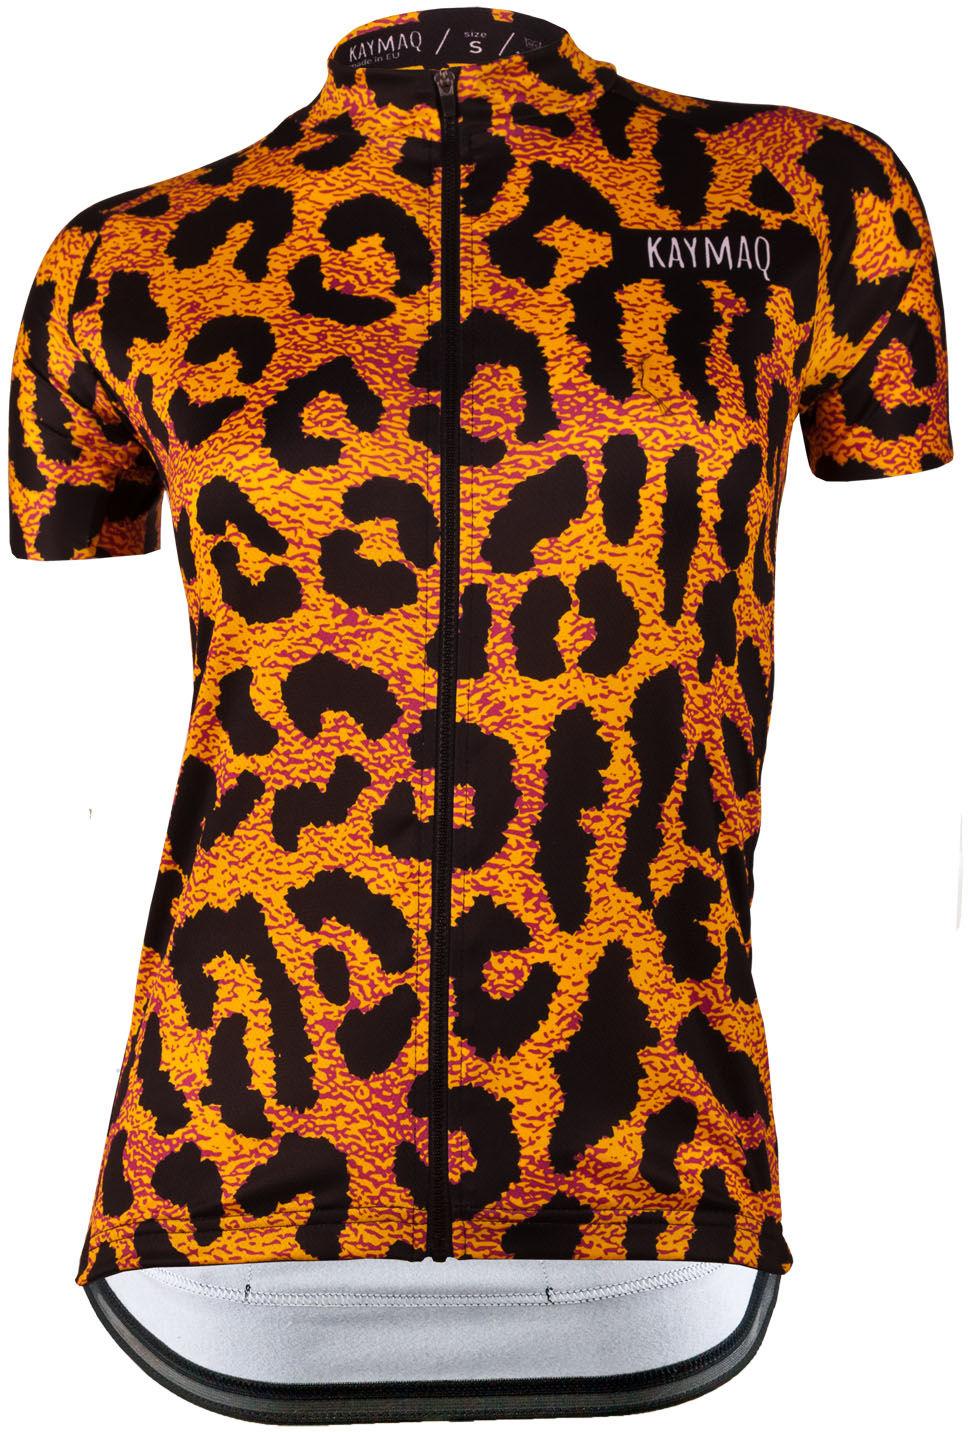 KAYMAQ DESIGN W30 damska koszulka rowerowa krótki rękaw Rozmiar: L,KYMQ-W30-KOSZ